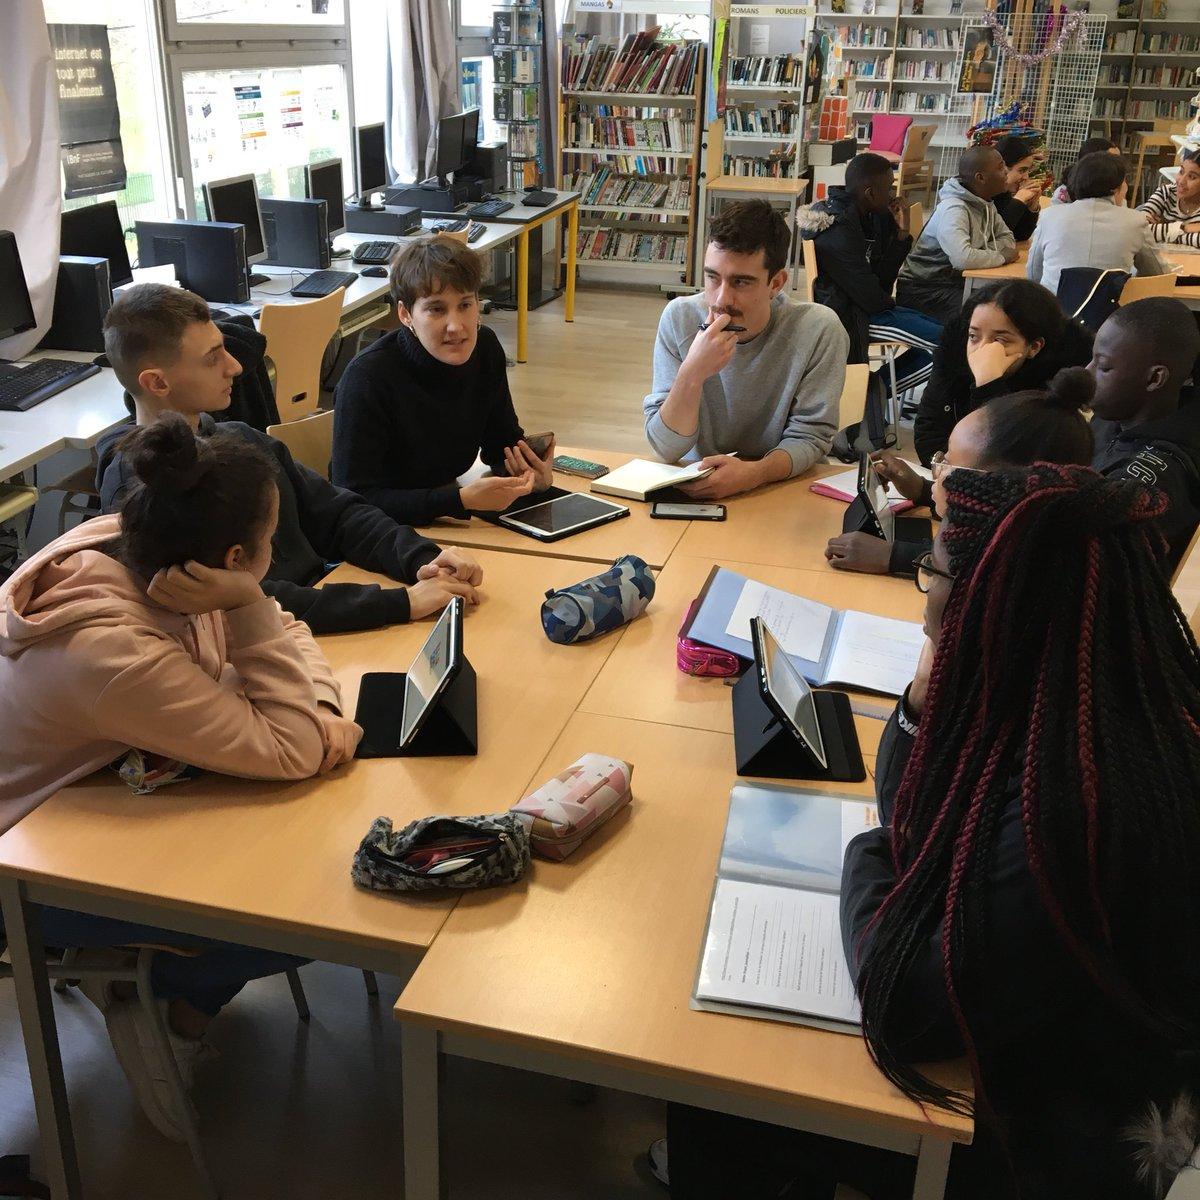 [ÉDUCATION AUX MEDIAS] Belle session @InterClass_  au collège Georges Rouault avec @FChagnaud et @Martinpngt étudiants en spécialisation radio à #IPJDauphine @psl_univ.